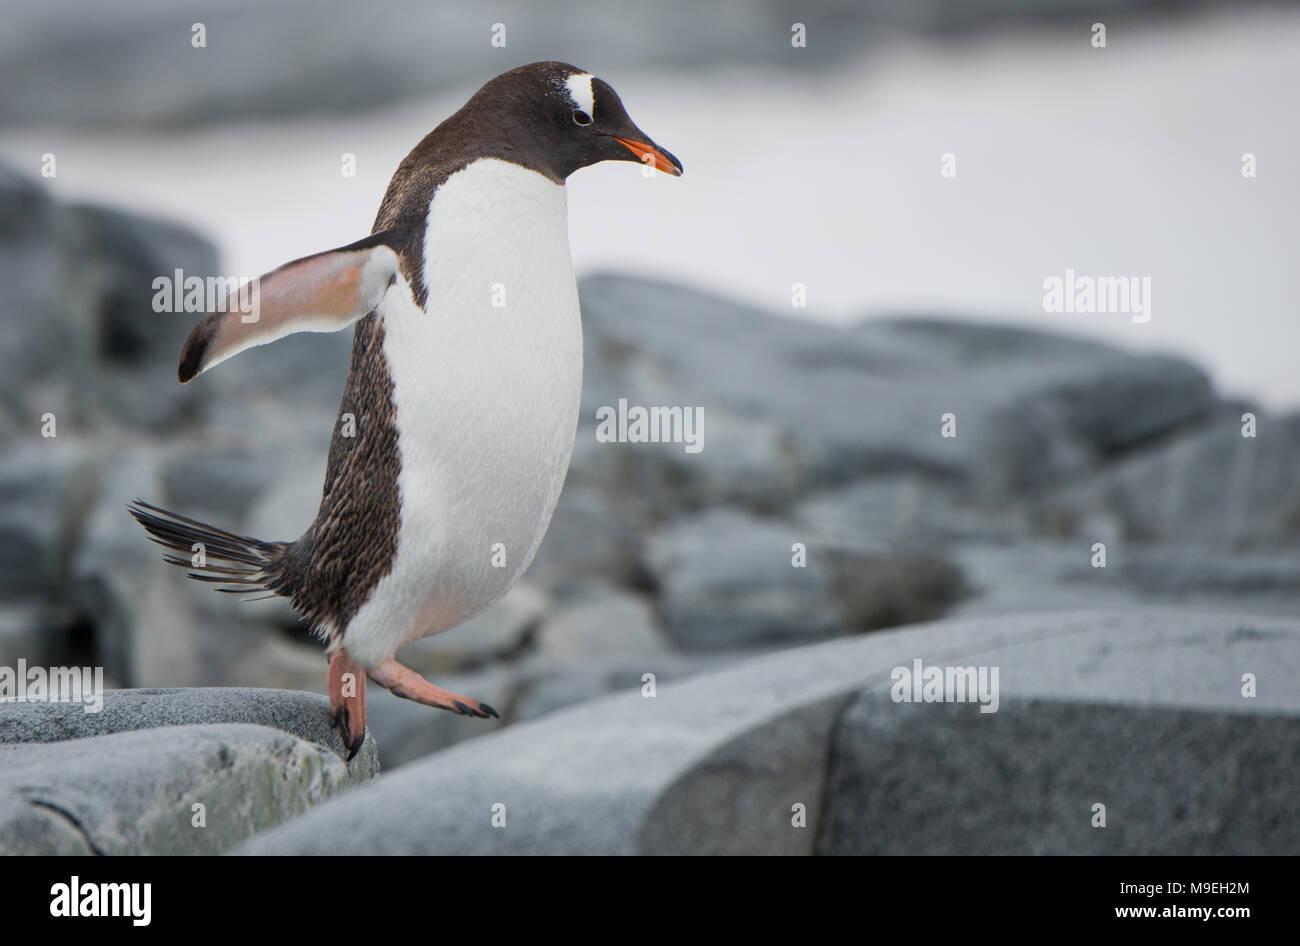 Une Gentoo pingouin (Pygoscelis papua) hopping le long d'un sentier rocheux dans l'Antarctique Photo Stock